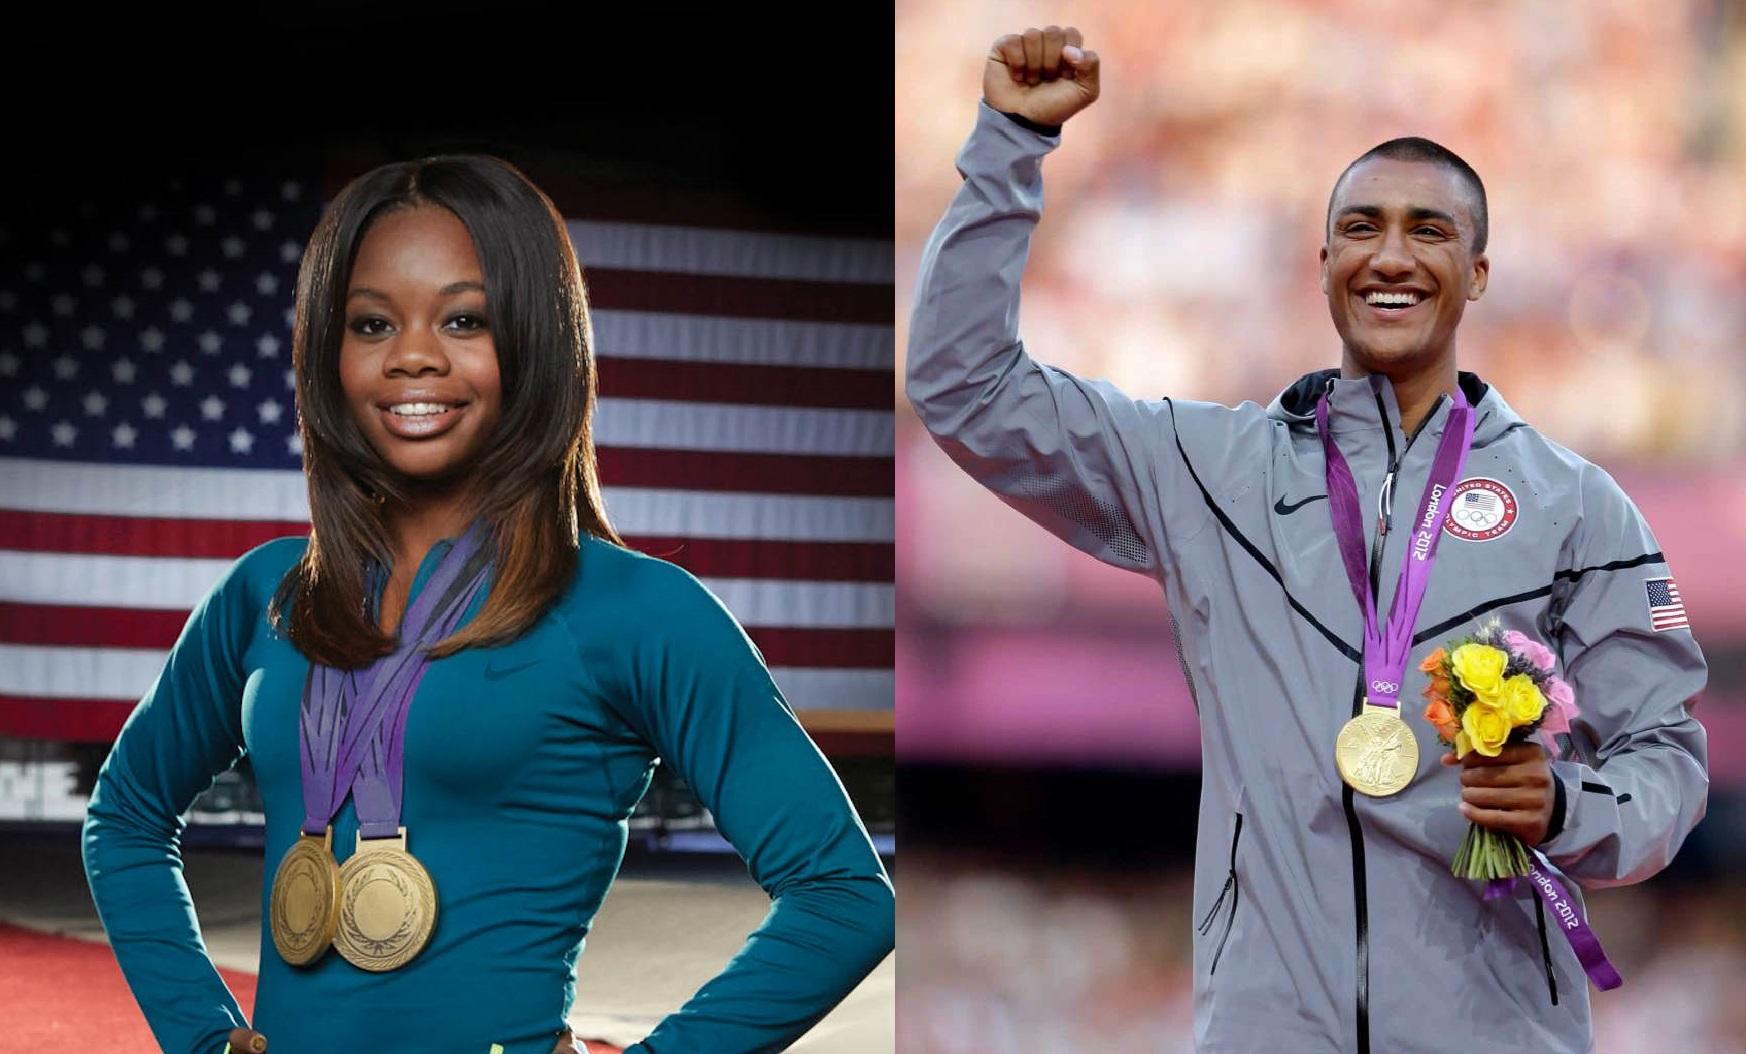 Olympic athletes, Ashton Eaton, Gabby Douglas